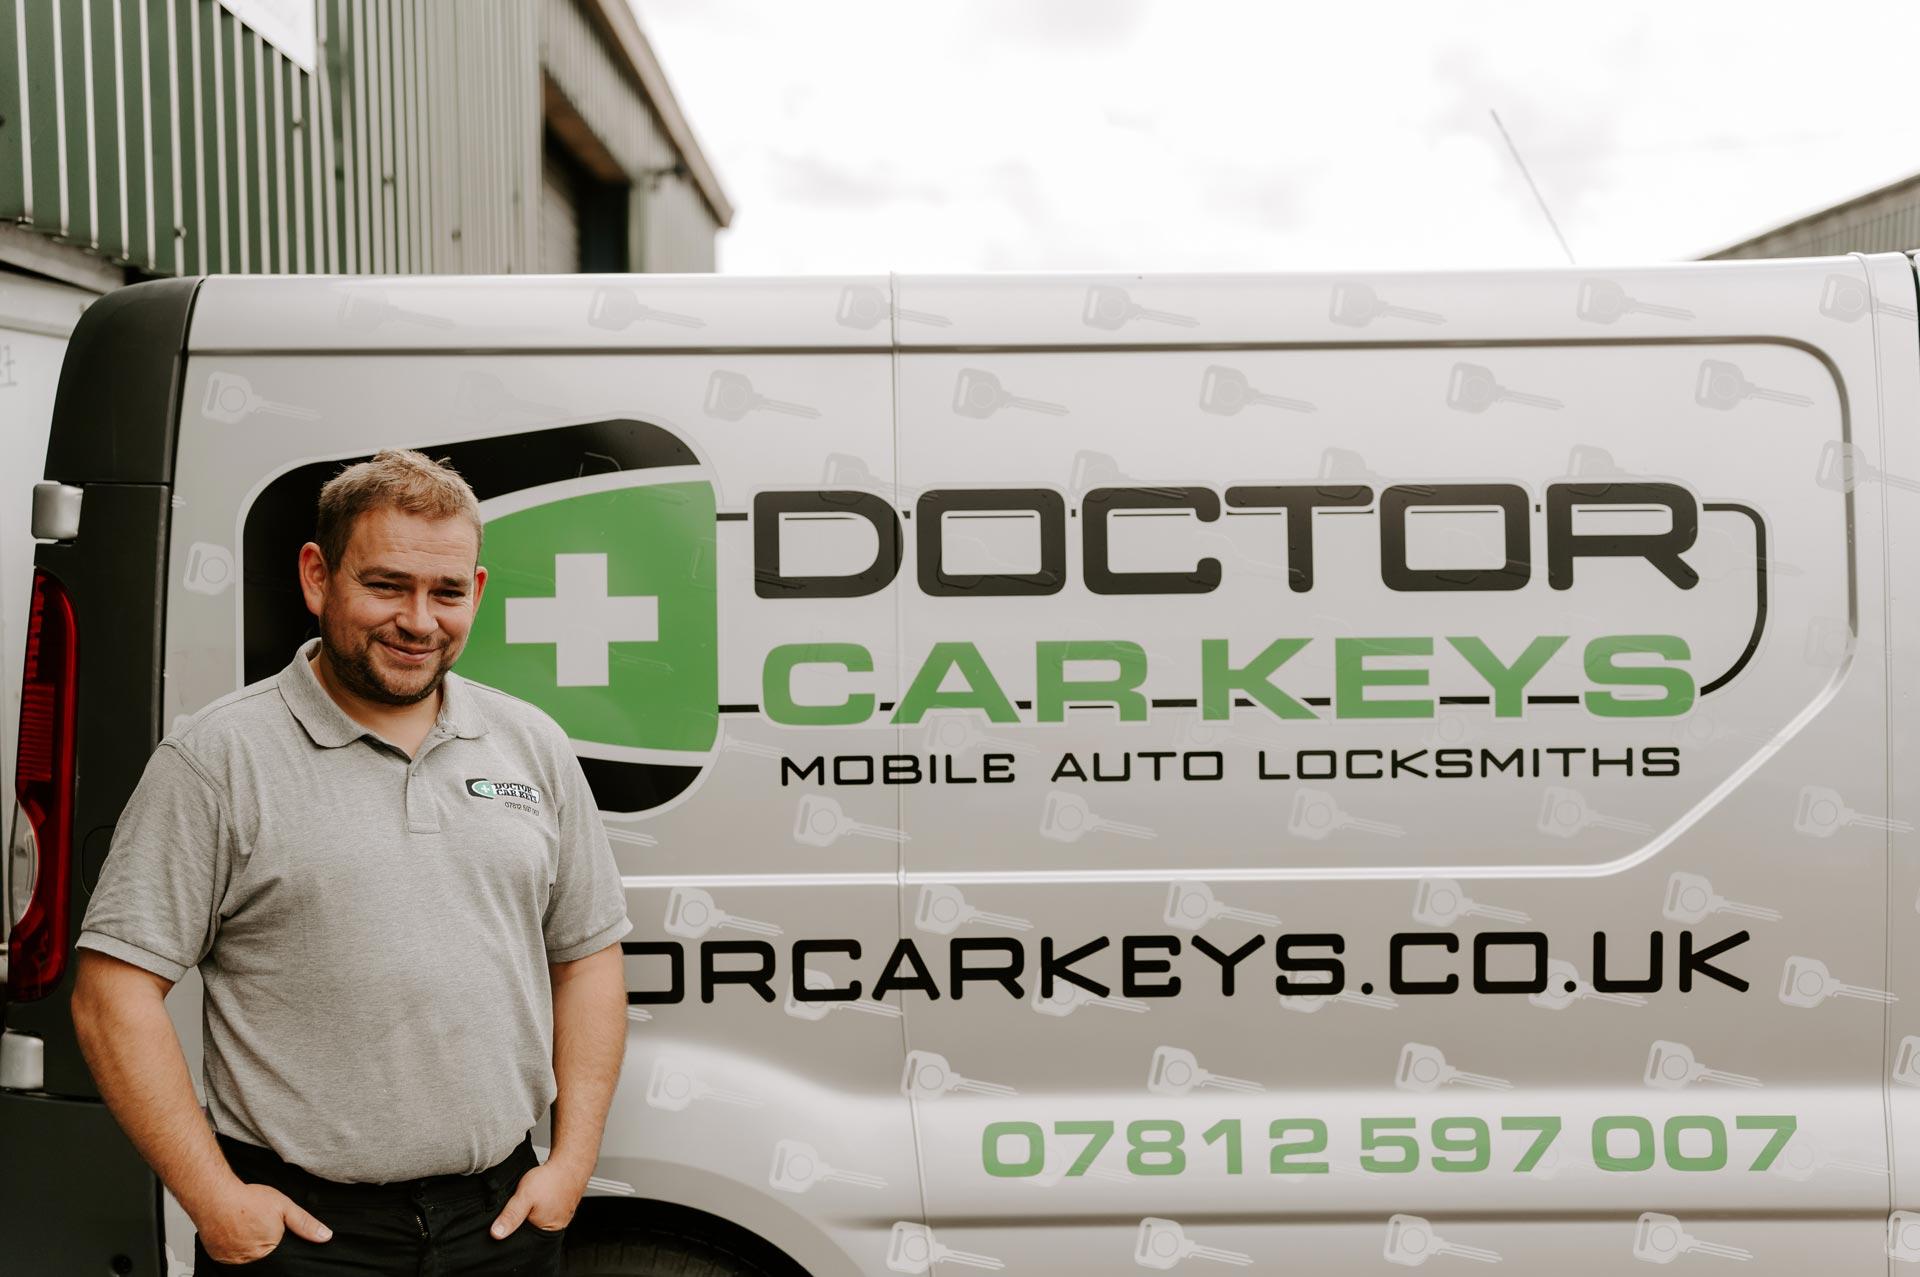 Auto Locksmiths in Marlow